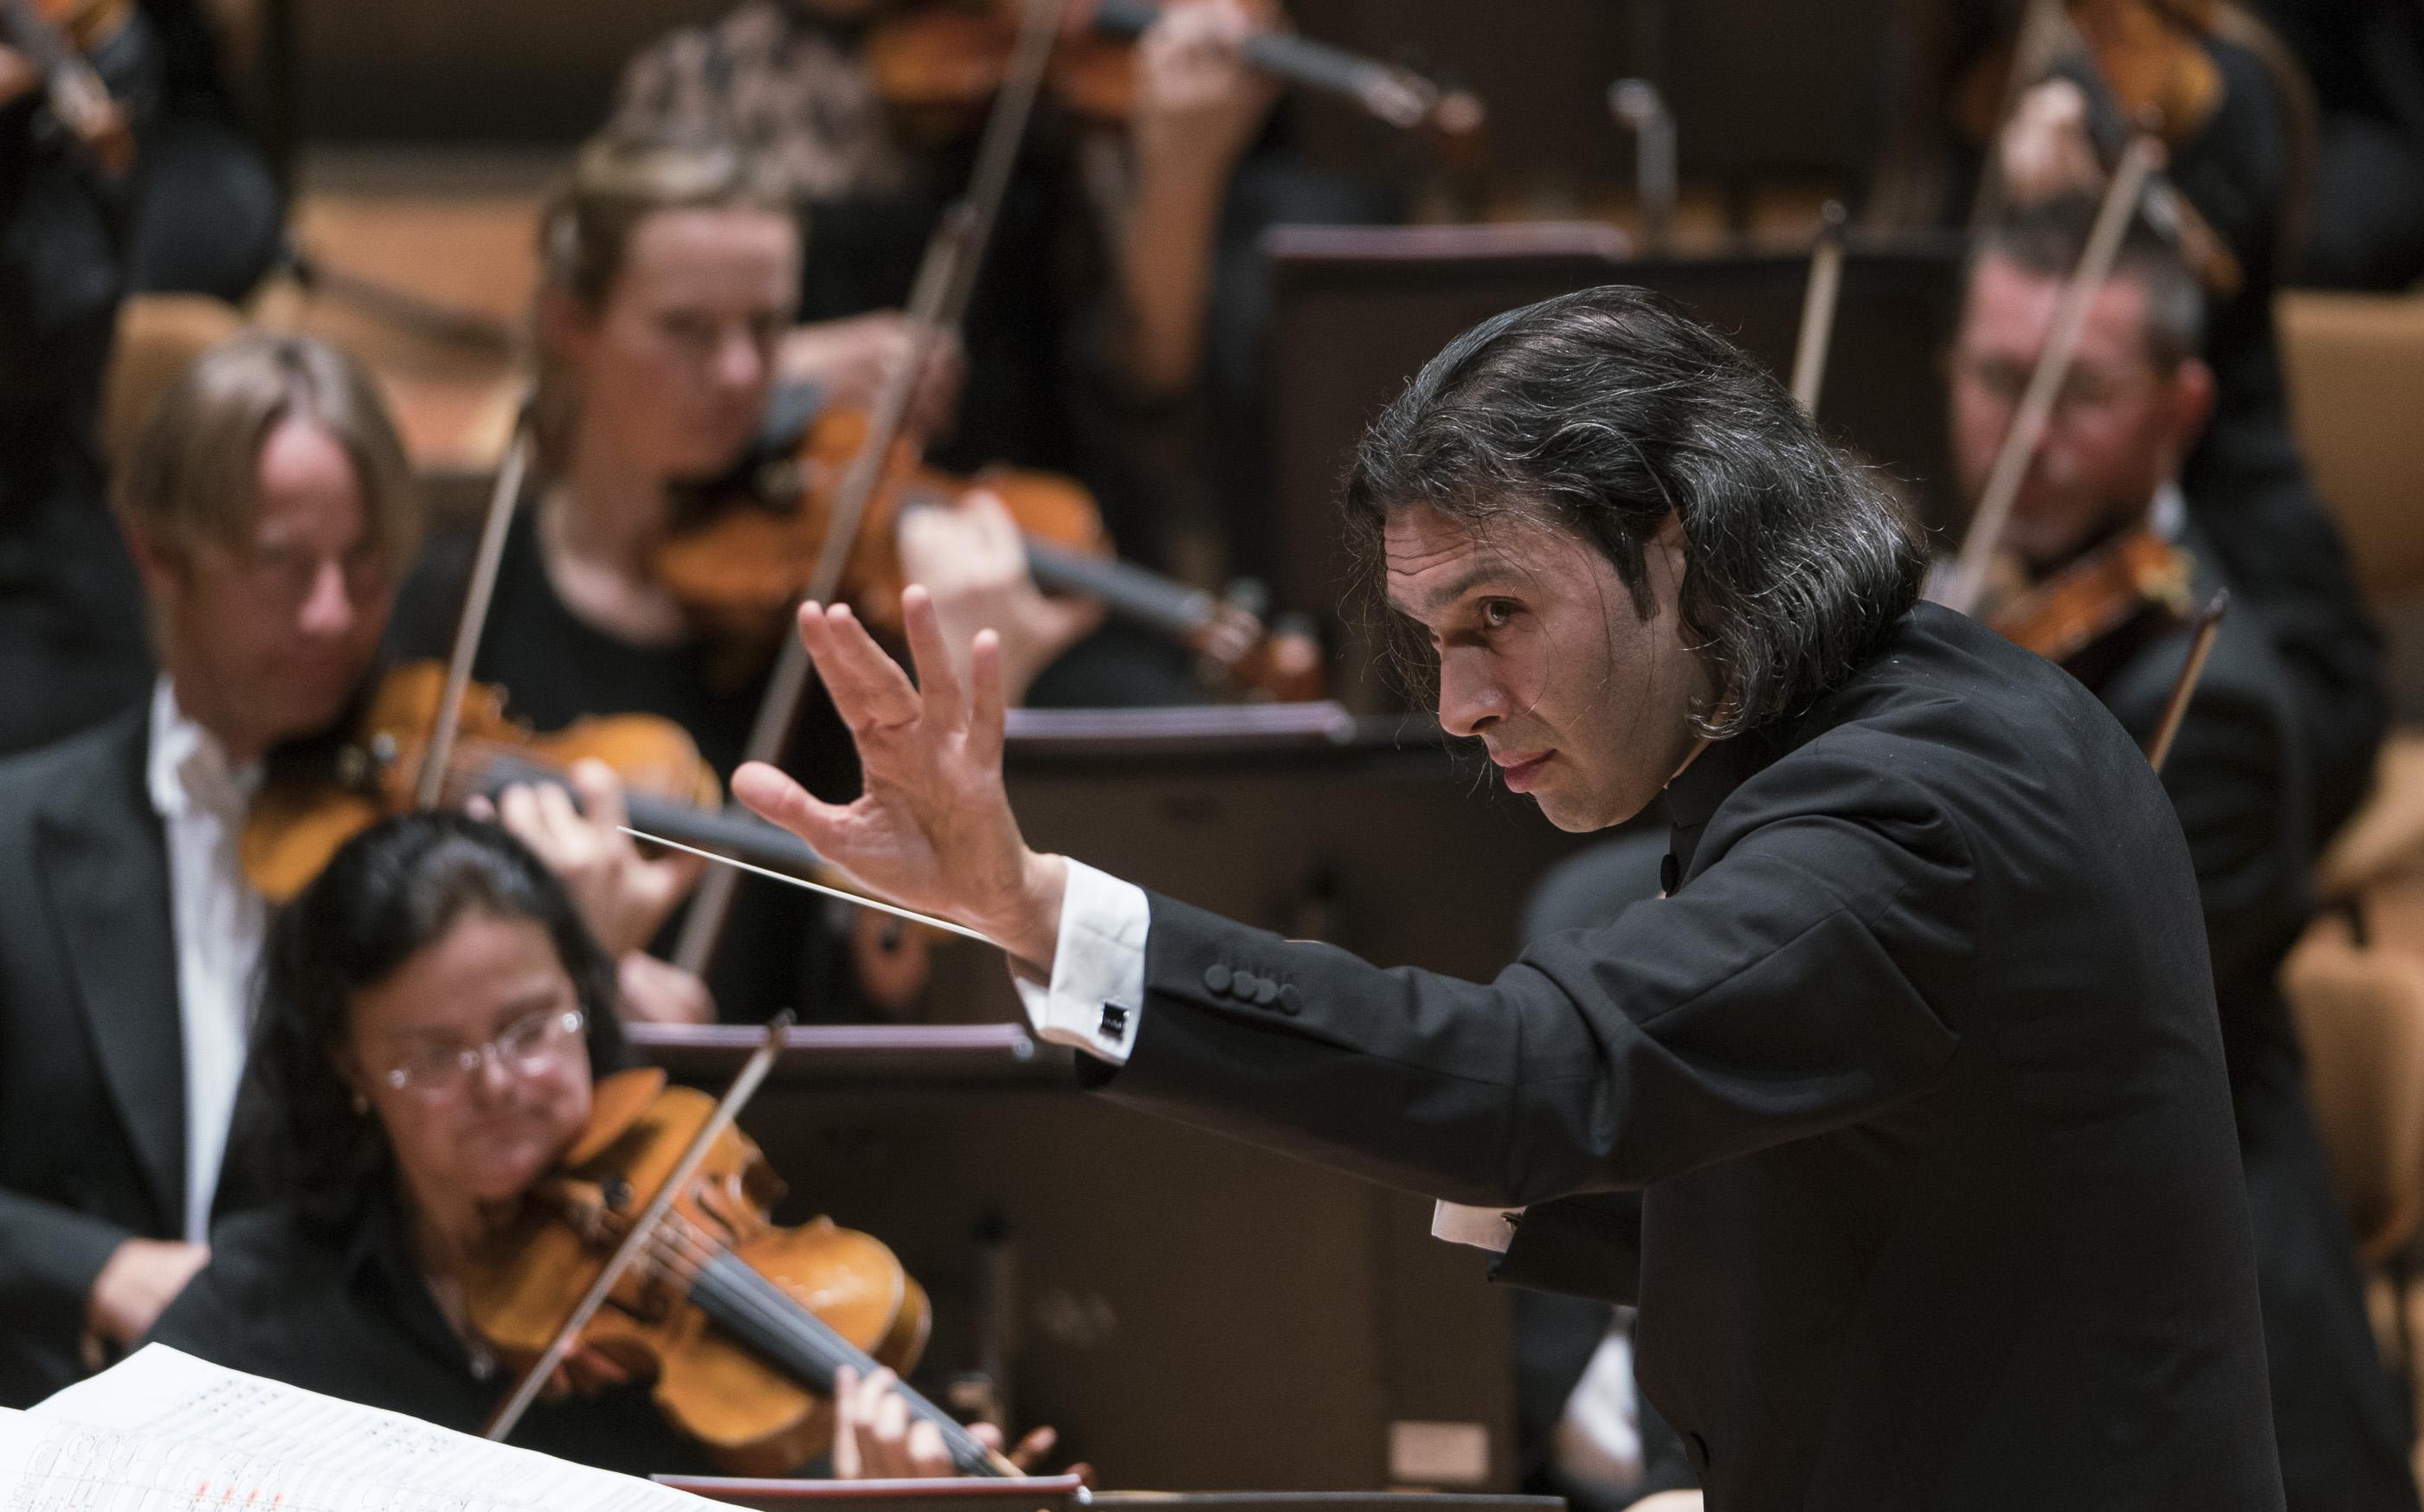 Rundfunk-Sinfonieorchester Berlin - Antrittskonzert von Vladimir Jurowski